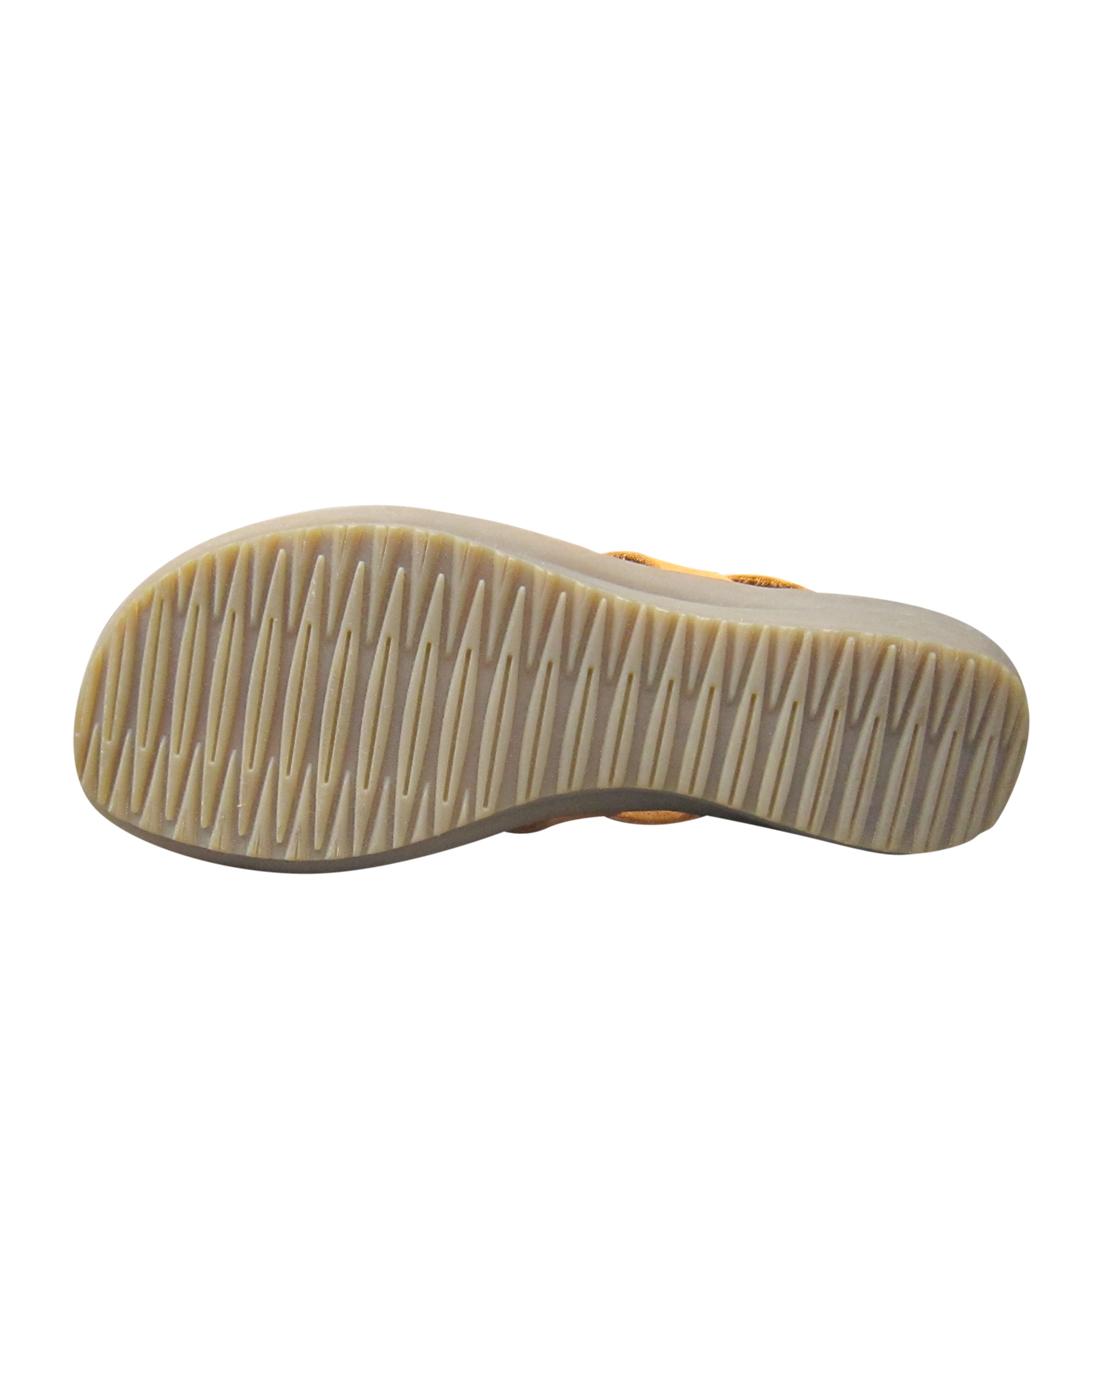 宝曼妮belmani女款土黄牛皮低跟罗马凉鞋112-13777